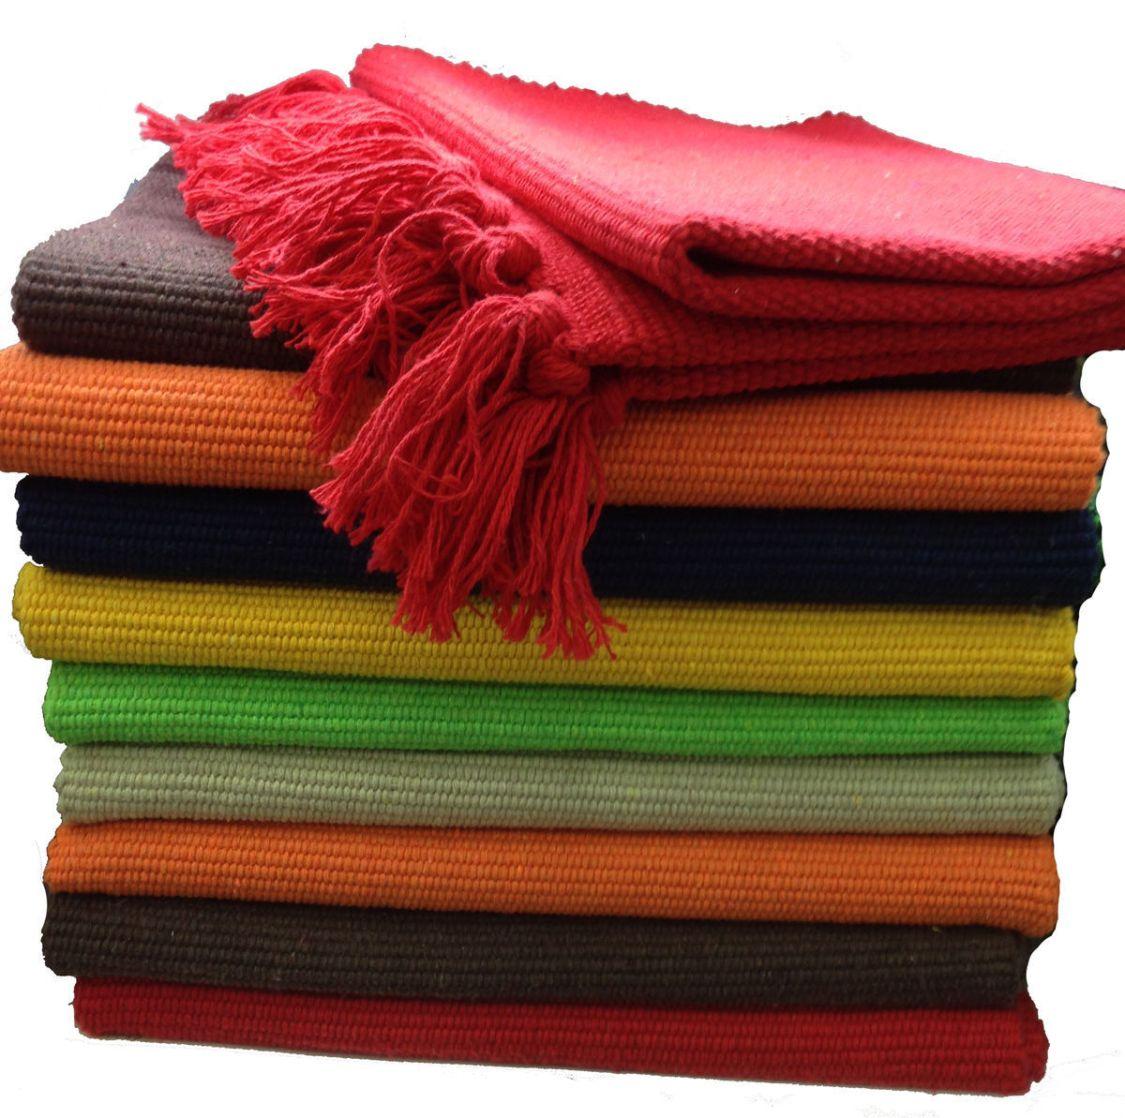 Fleckerlteppich Baumwolle Handweb Teppich Flickenteppich Fleckerl Handwebteppich